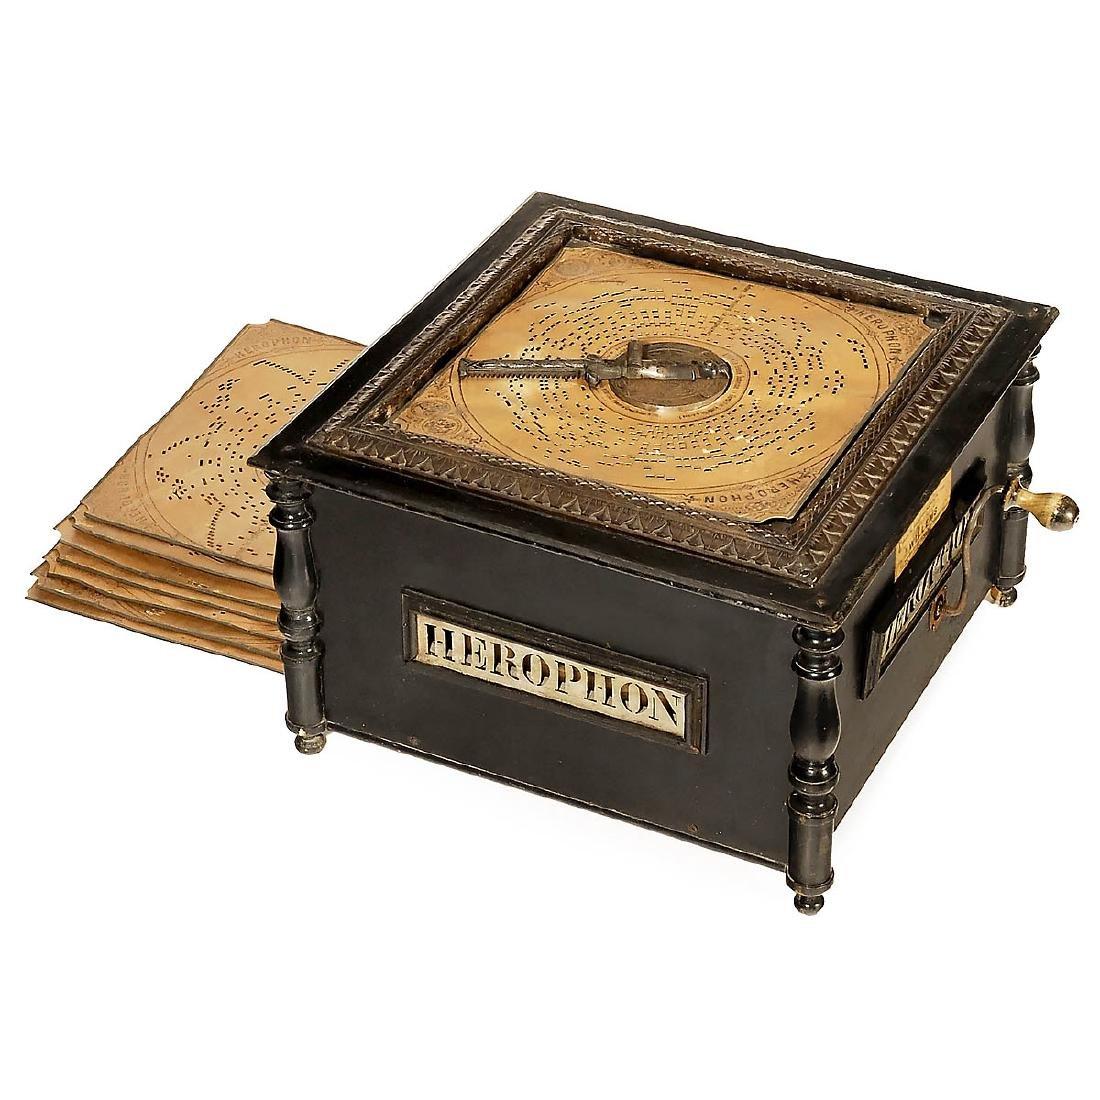 Herophon Organette, c. 1905